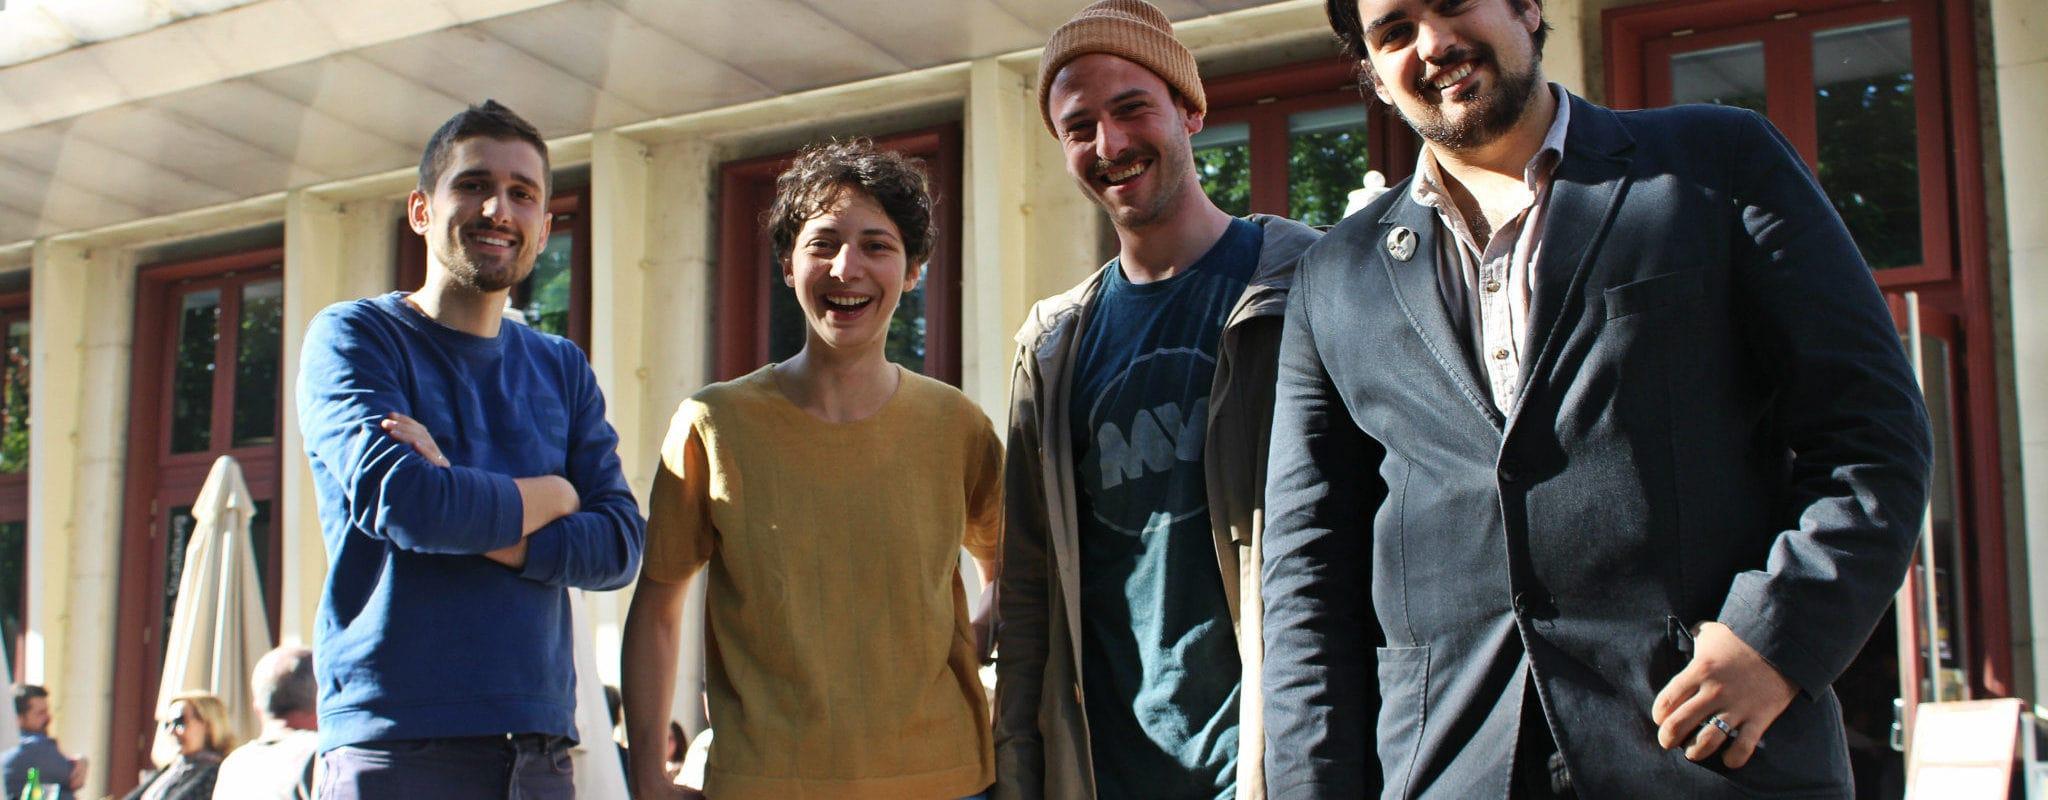 Retrouvez la team radio de Rue89 Strasbourg dans 89dB, en direct de la terrasse du TNS vendredi à 18h